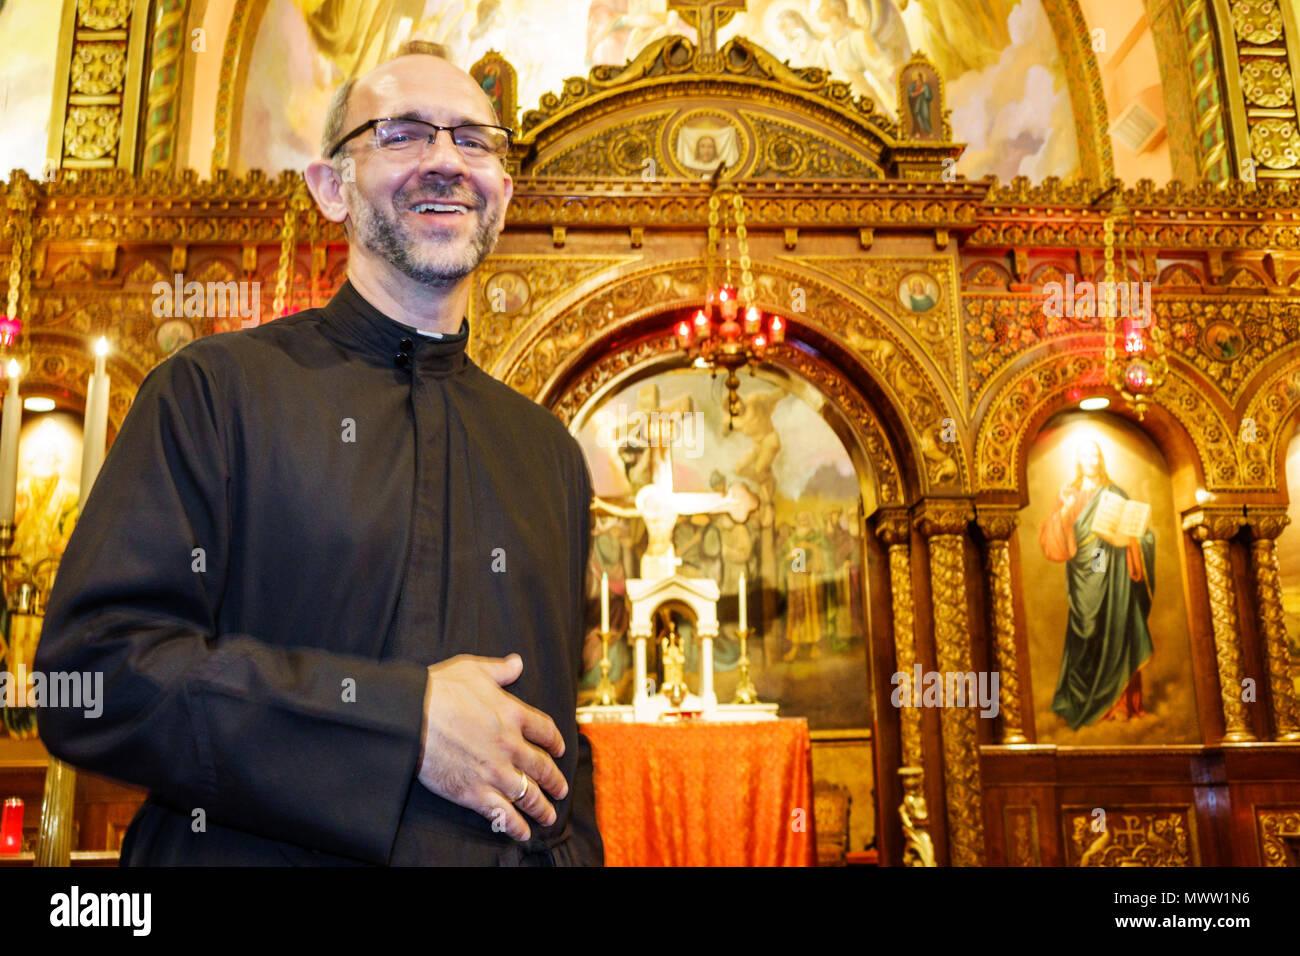 Louis nel Missouri Saint West End St Nicholas Chiesa Greco Ortodossa religione cristianesimo soffitto interno altare affresco banchi di stile bizantino sacerdote bl Immagini Stock